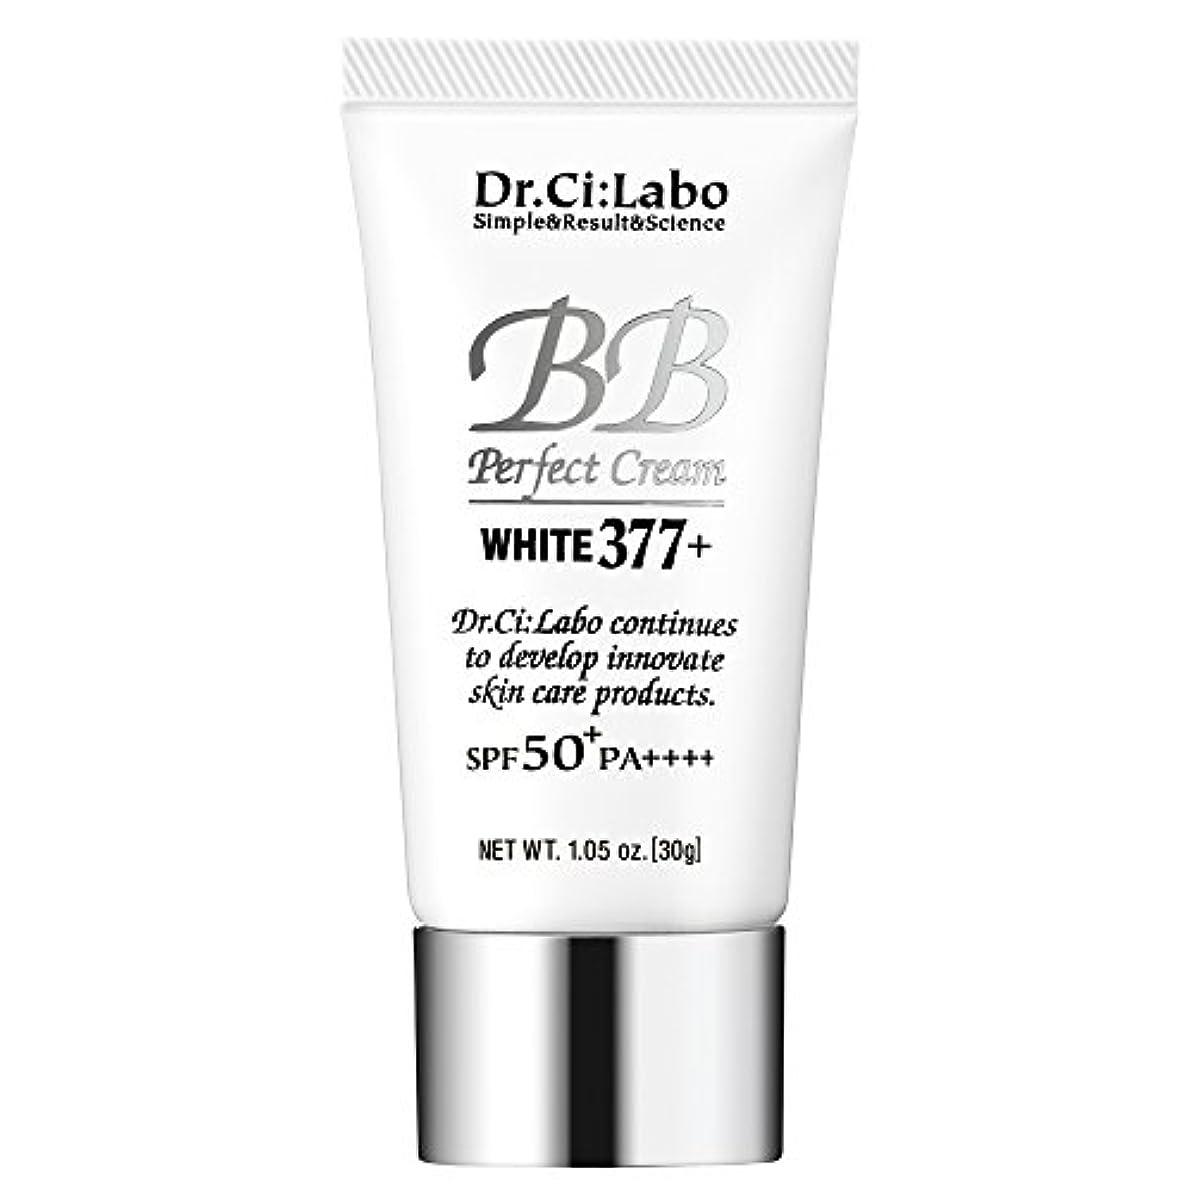 緊張する有益なトロリーバスドクターシーラボ BBパーフェクトクリーム ホワイト377+ 30g 多機能ファンデーション 化粧下地